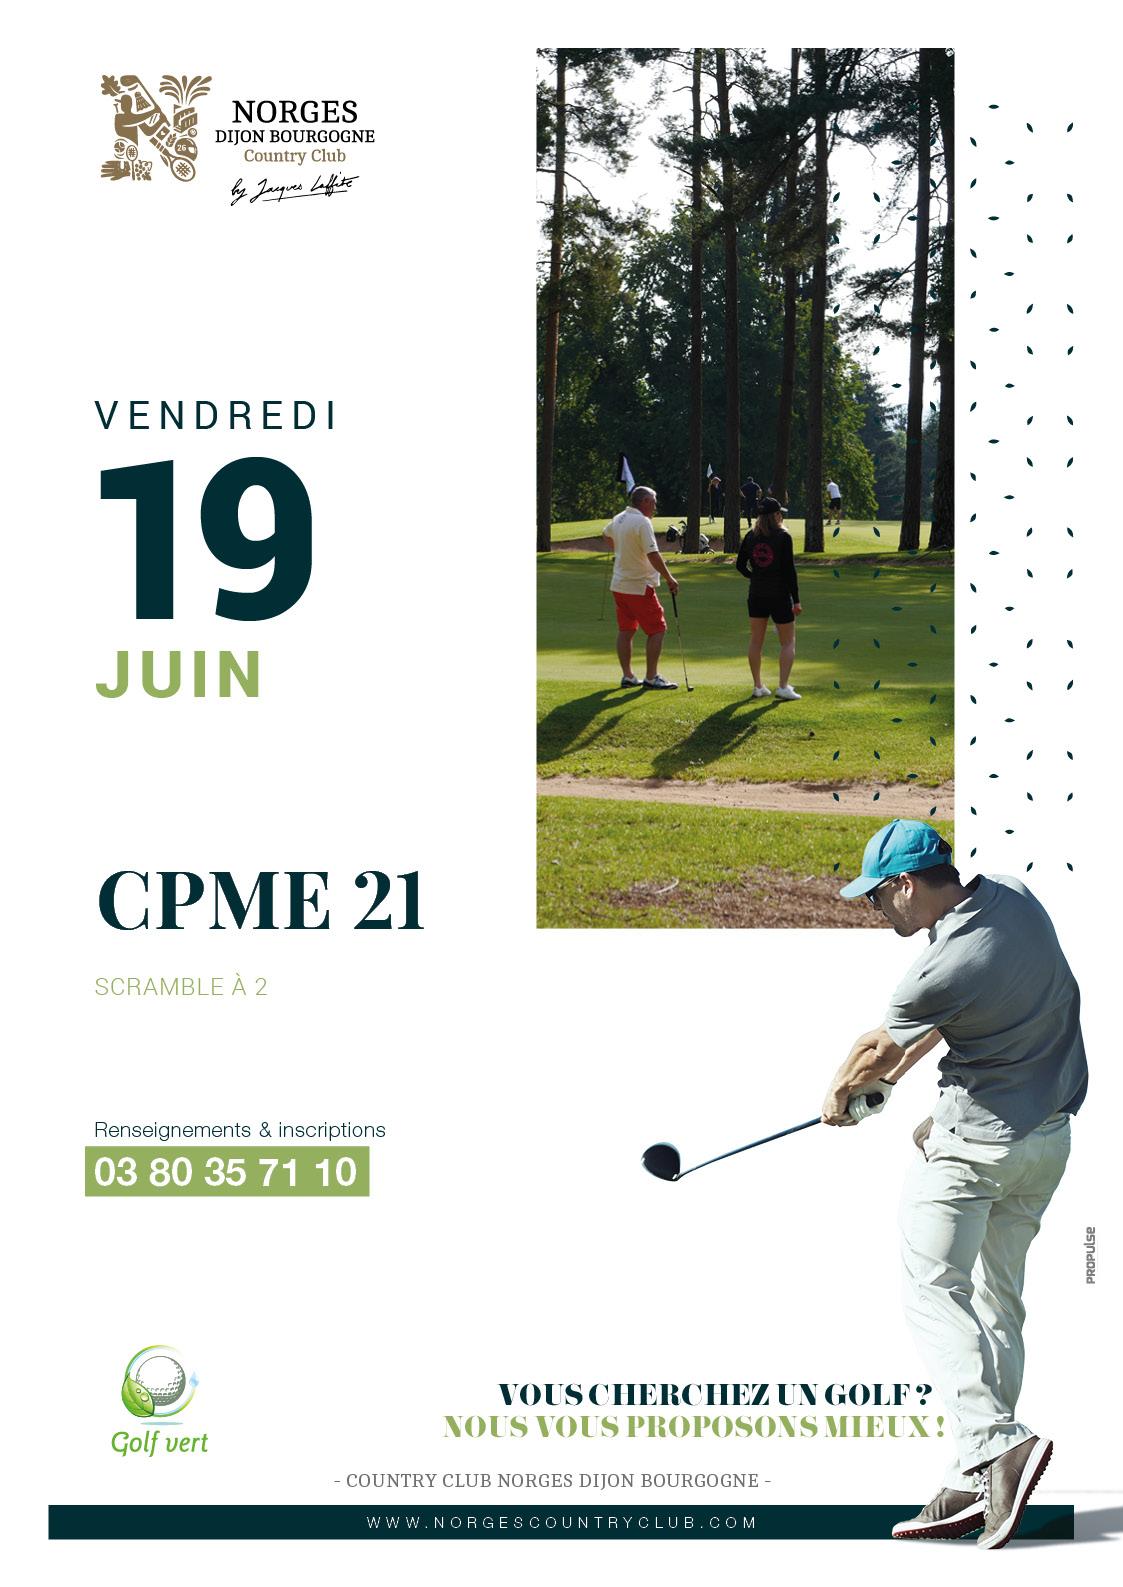 CPME 21